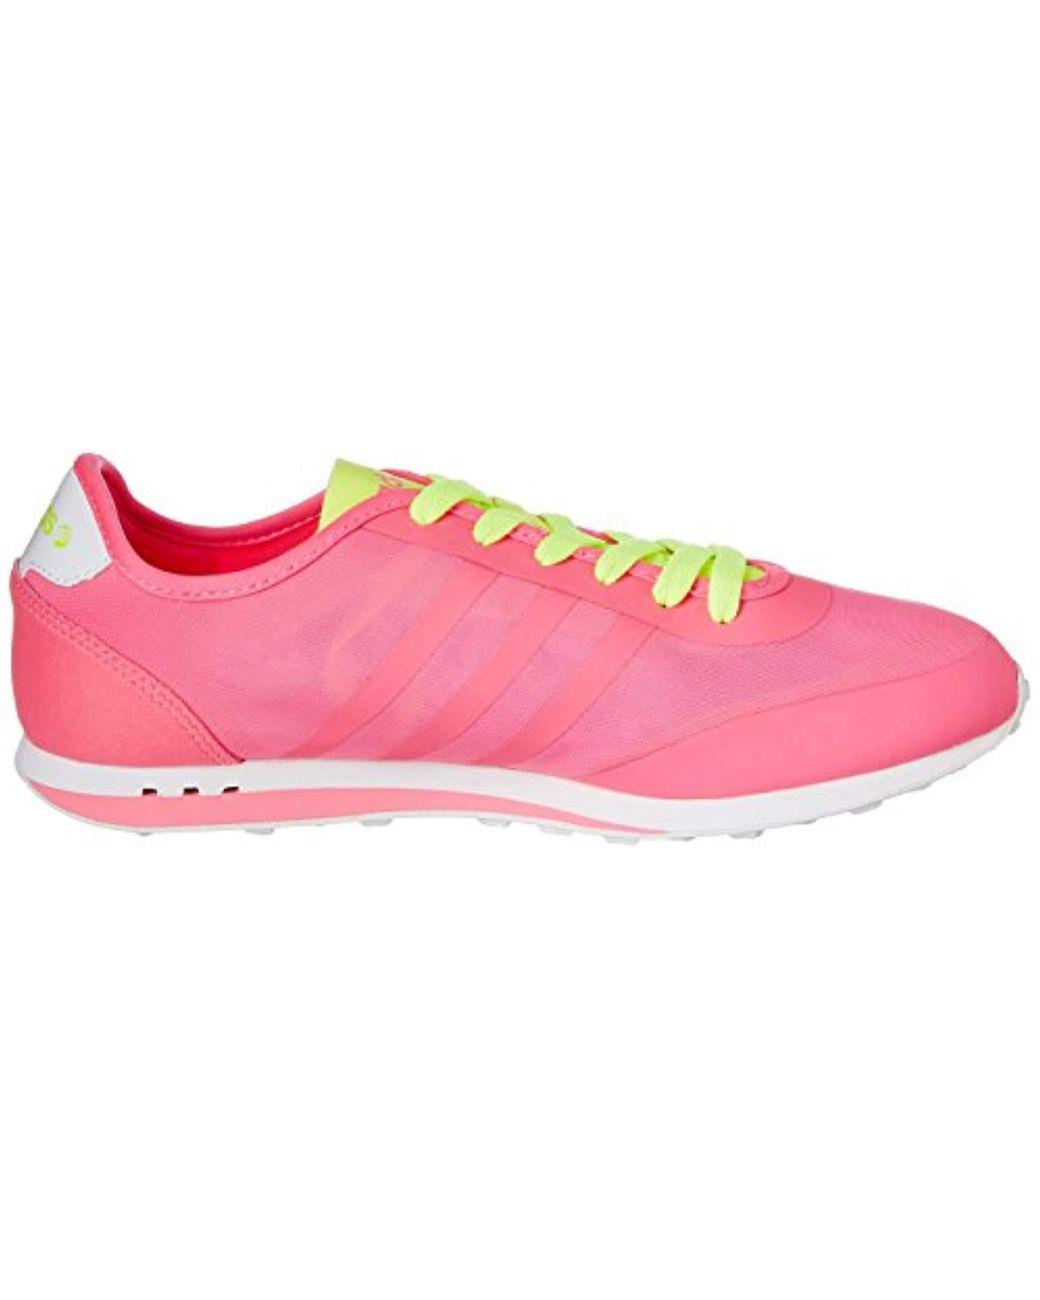 adidas adria low rosa